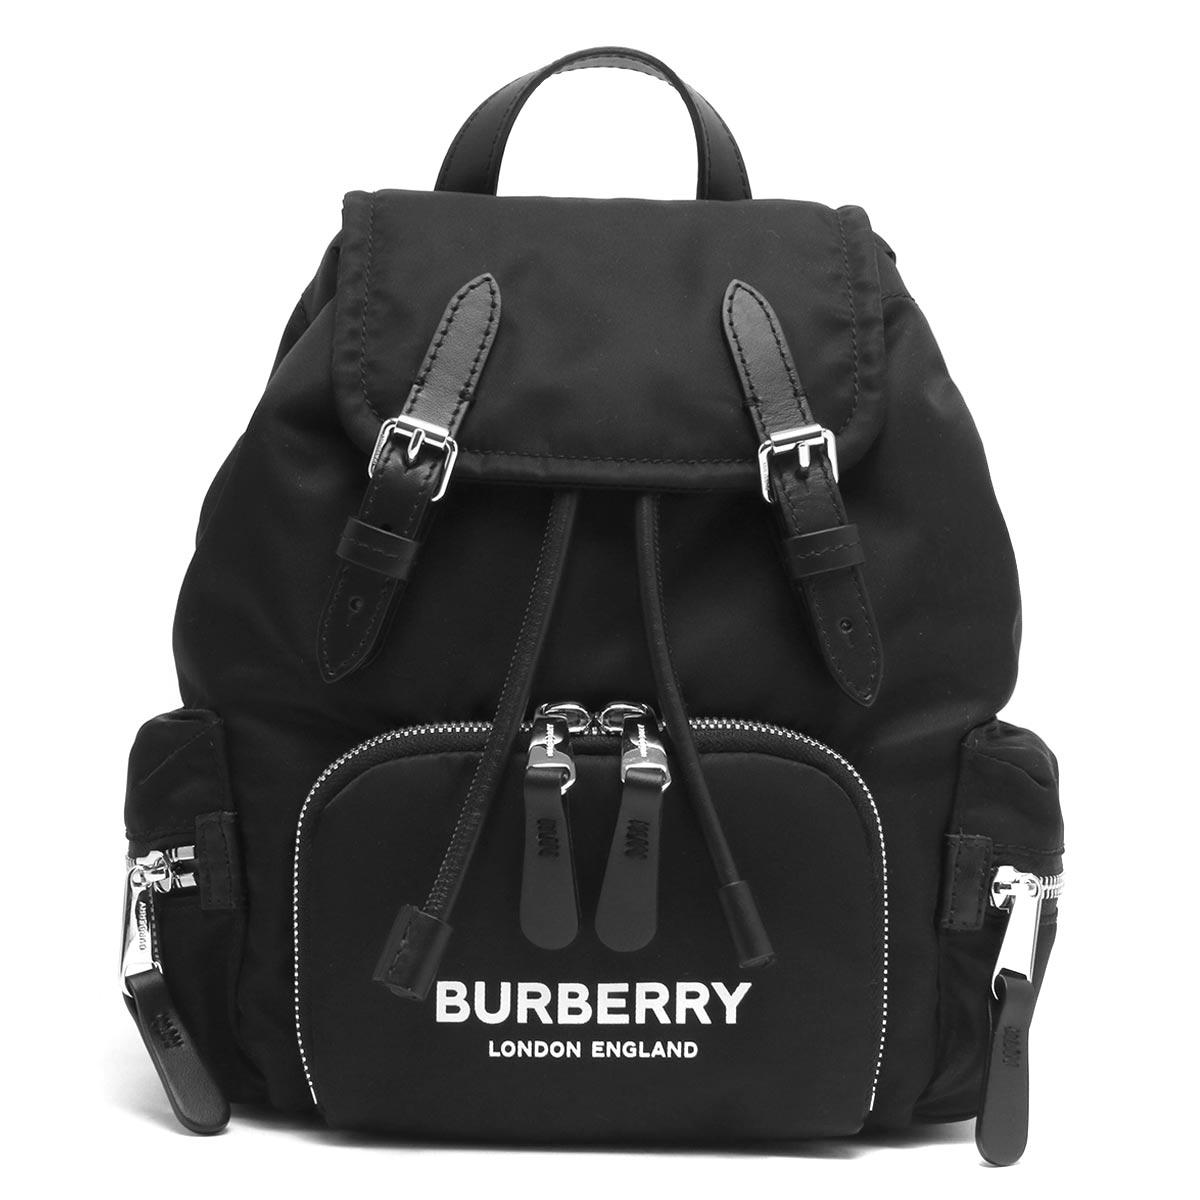 バーバリー リュックサック/バックパック バッグ レディース スモール ブラック LL SM RUCKSACK N NB2 117221 A1189 8021258 BURBERRY